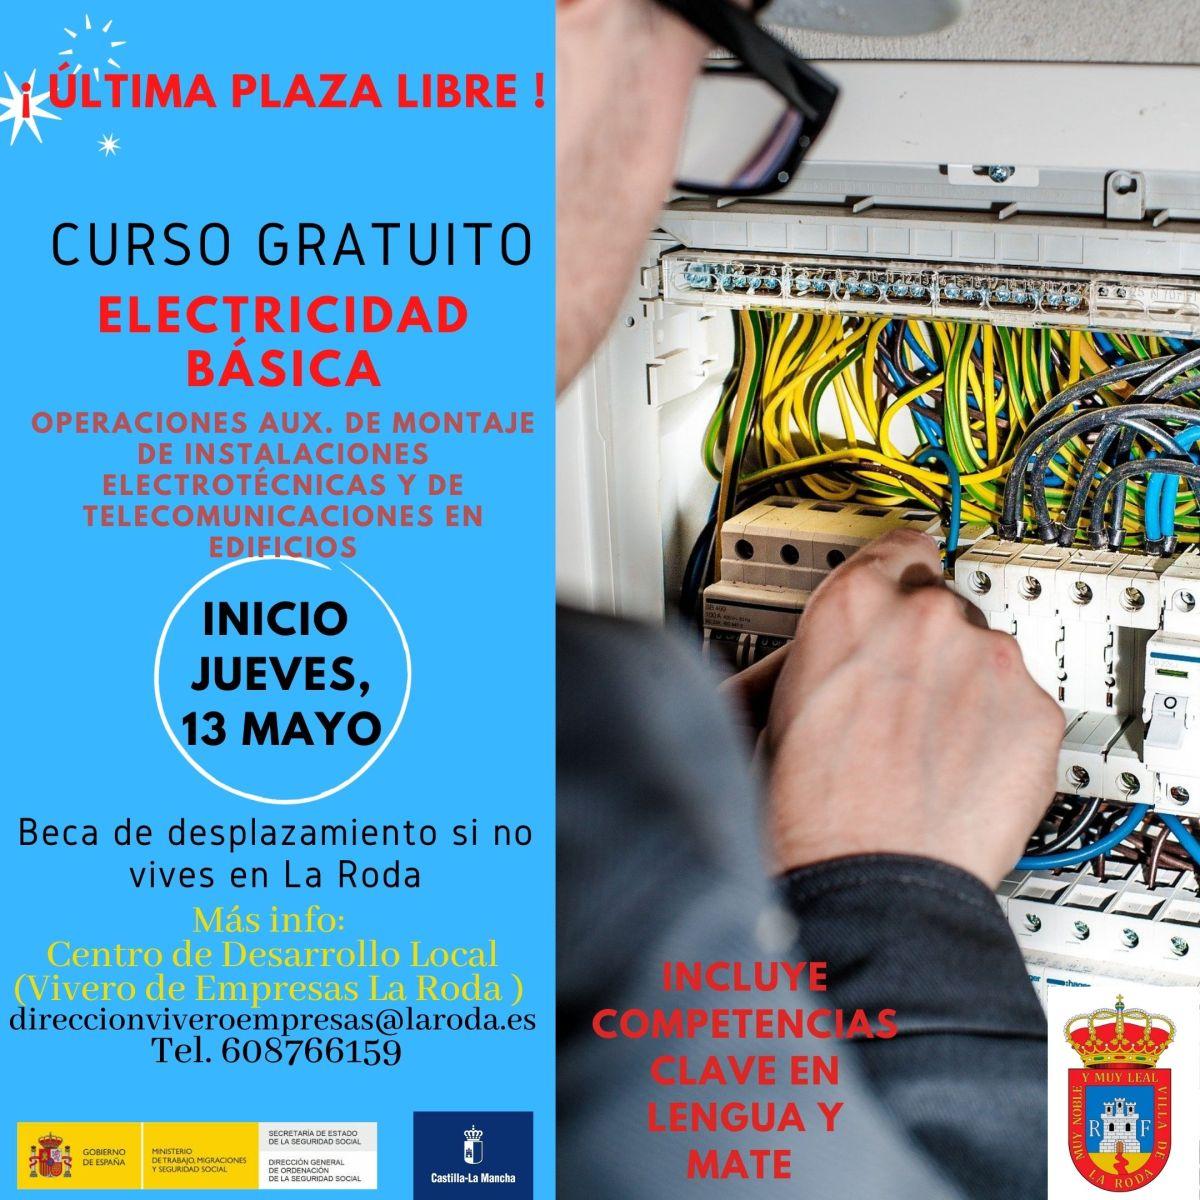 Curso «Operaciones auxiliares de montaje de instalaciones electrotécnicas y de telecomunicaciones en edificios». La Roda (Albacete).